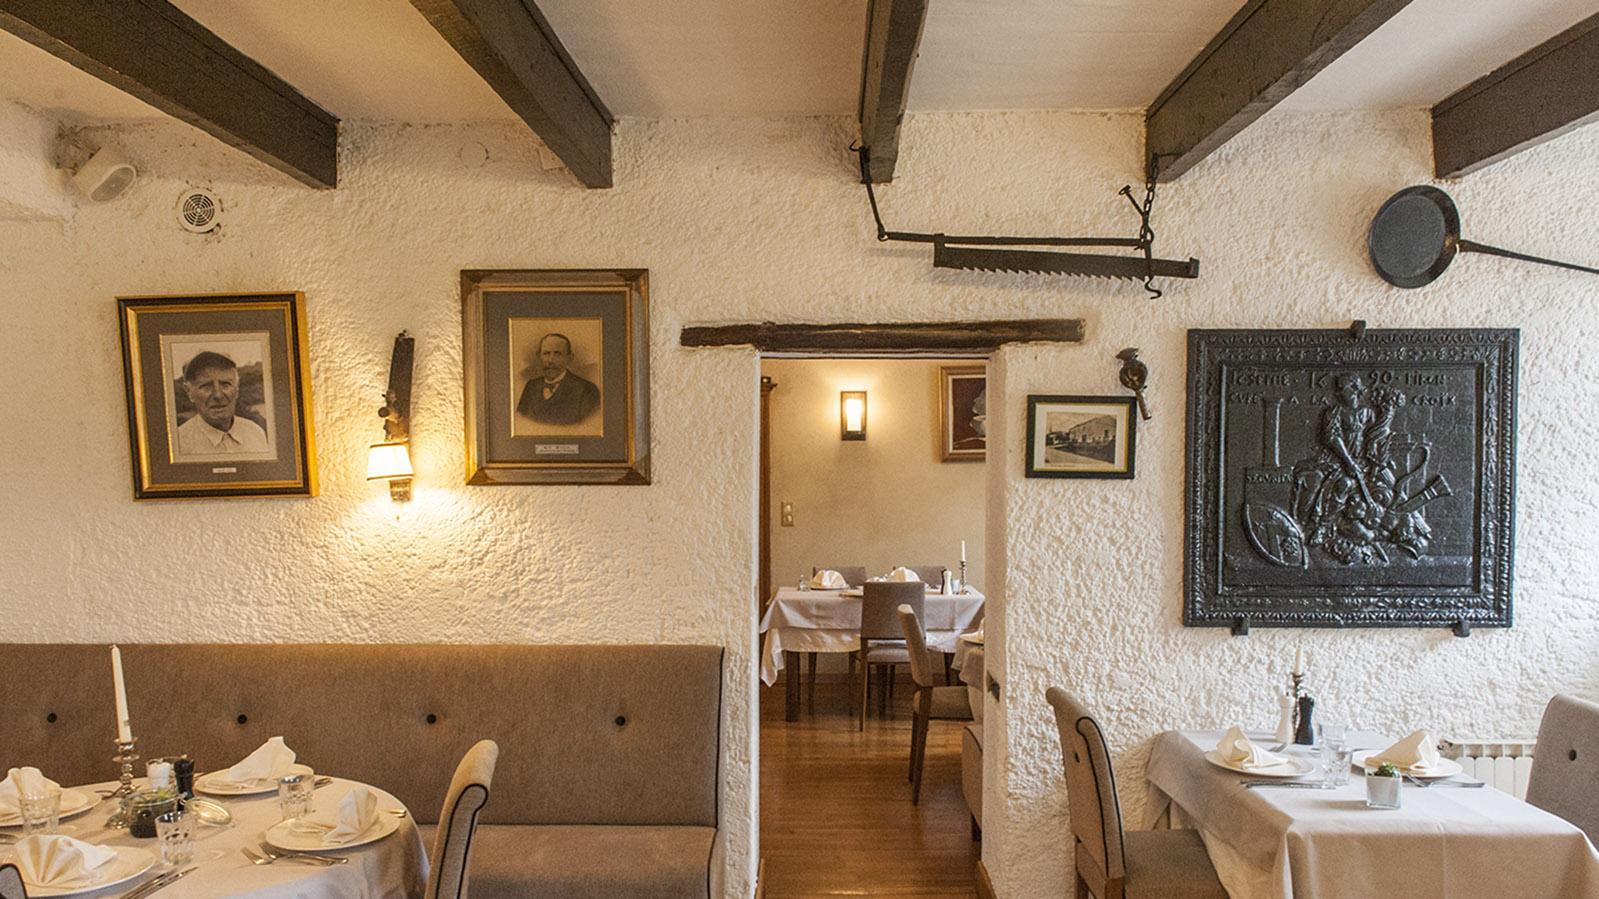 Auberge de la Klauss: Der Gasthofgründer blickt links von der Tür euch an. Foto: Hilke Maunder